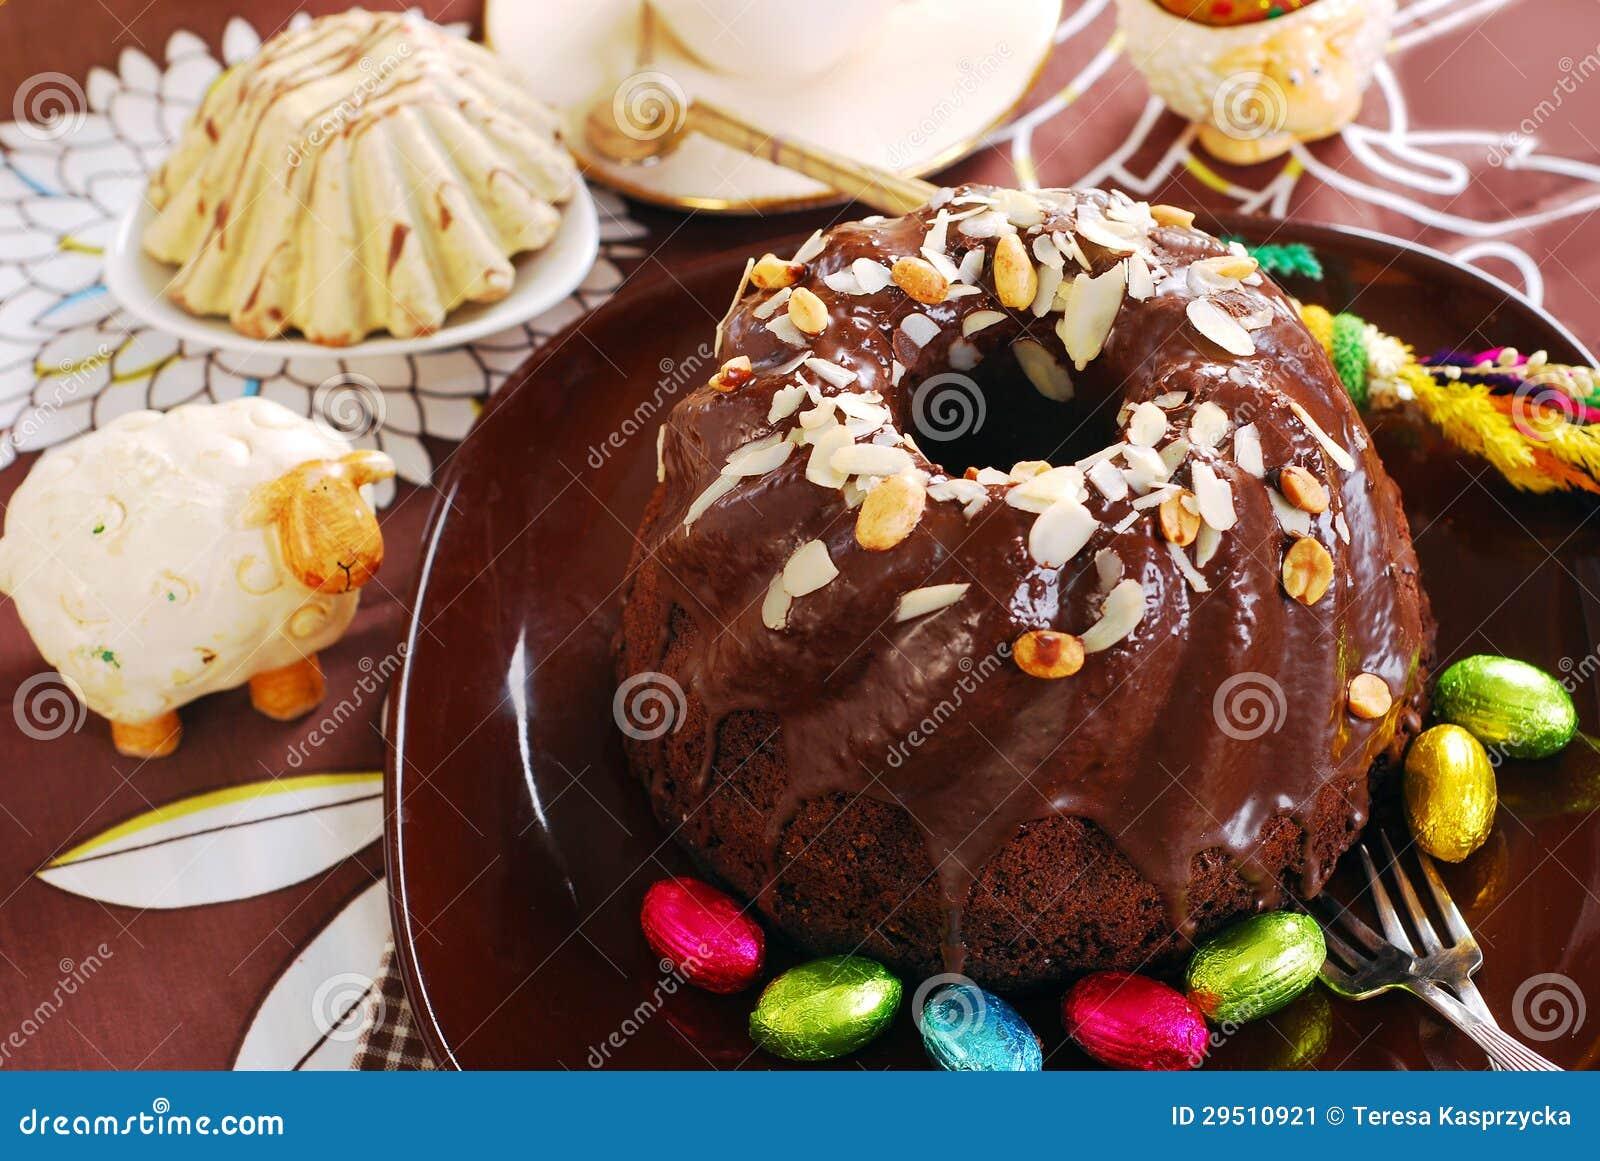 De ringscake van de chocolade met amandelen en noten die voor Pasen bedekken